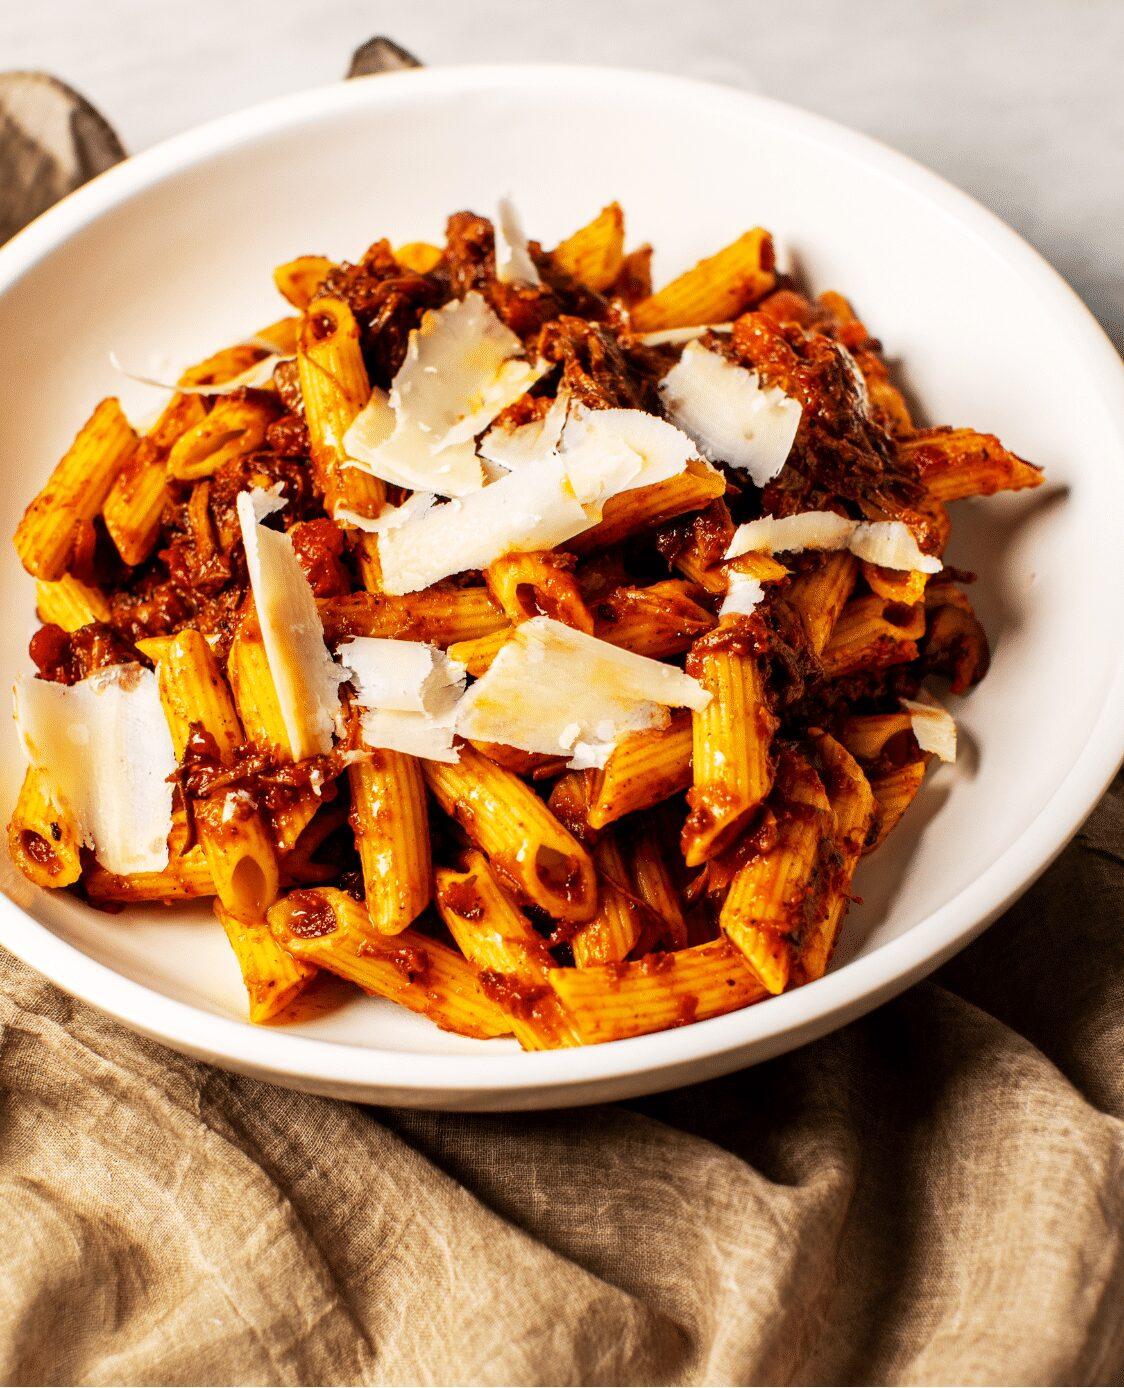 Shredded Beef and Mushroom Ragu Pinterest